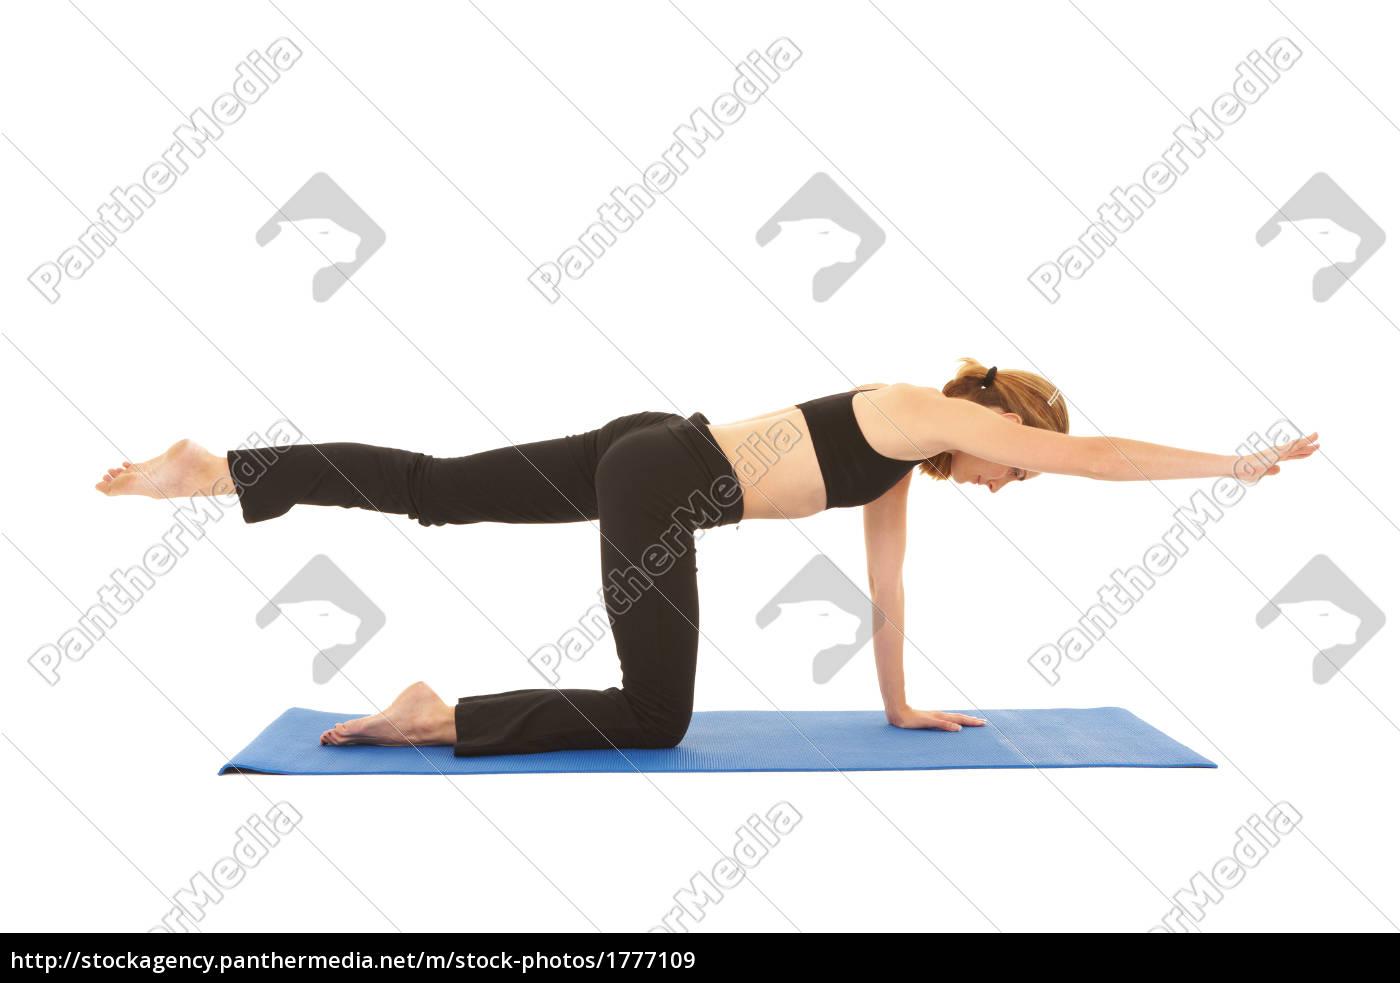 pilates, exercise, series - 1777109